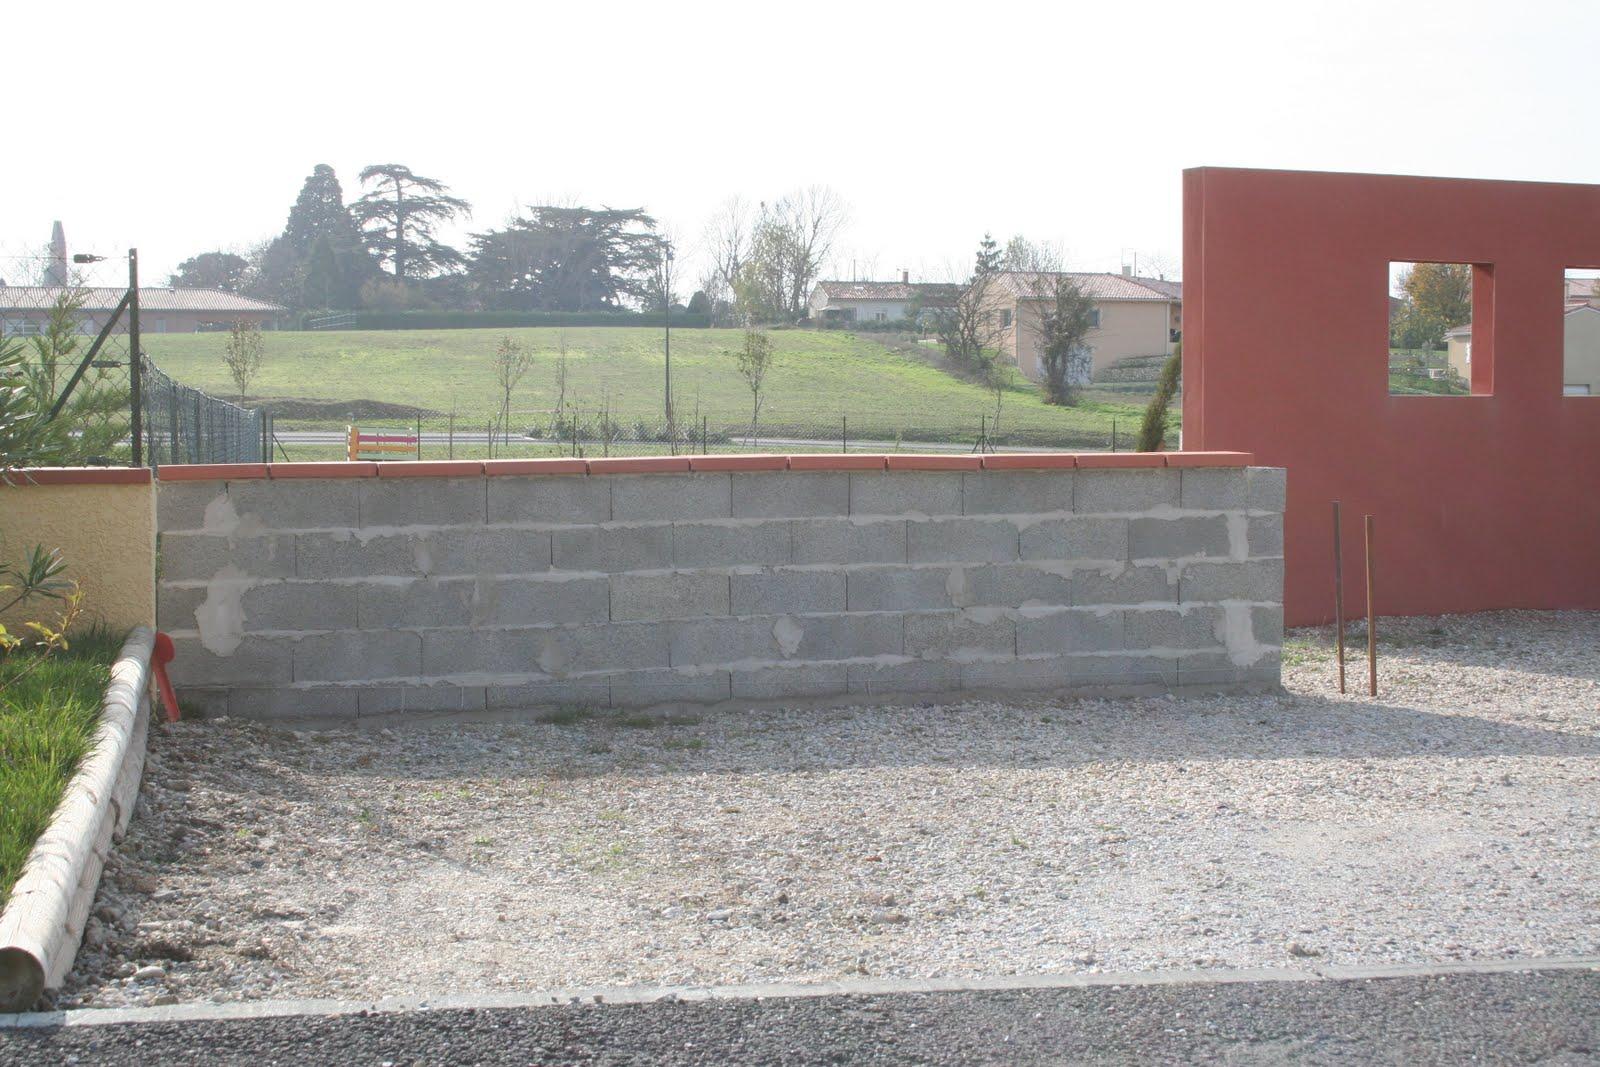 Pin mur de cloture et pavage on pinterest - Mur de cloture ...